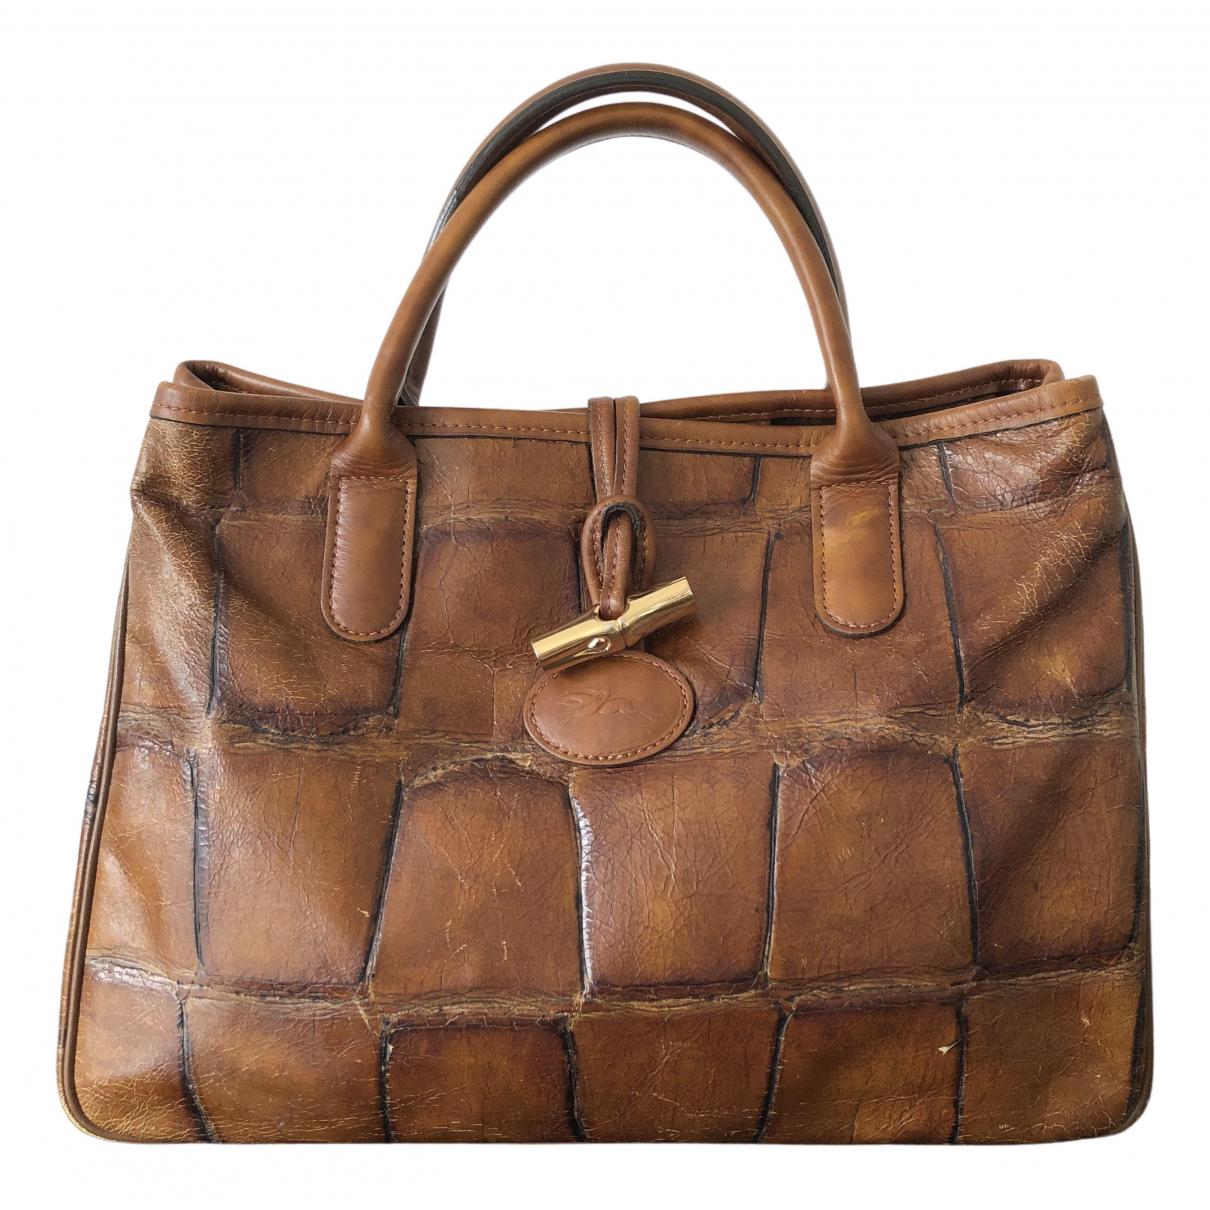 Longchamp - Sac a main Roseau pour femme en cuir - camel